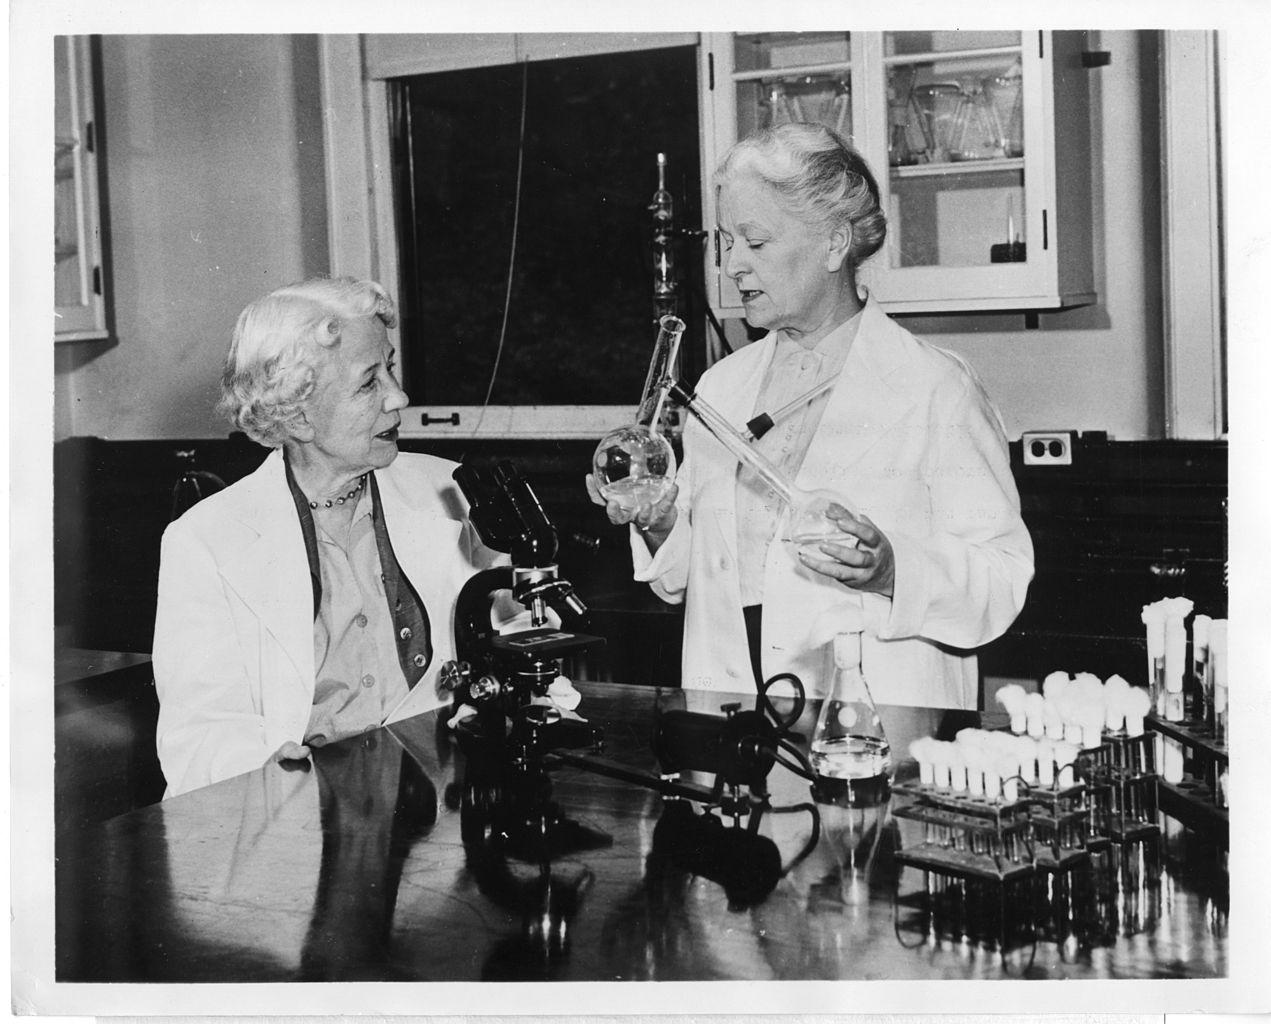 Resultado de imagen de woman scientist